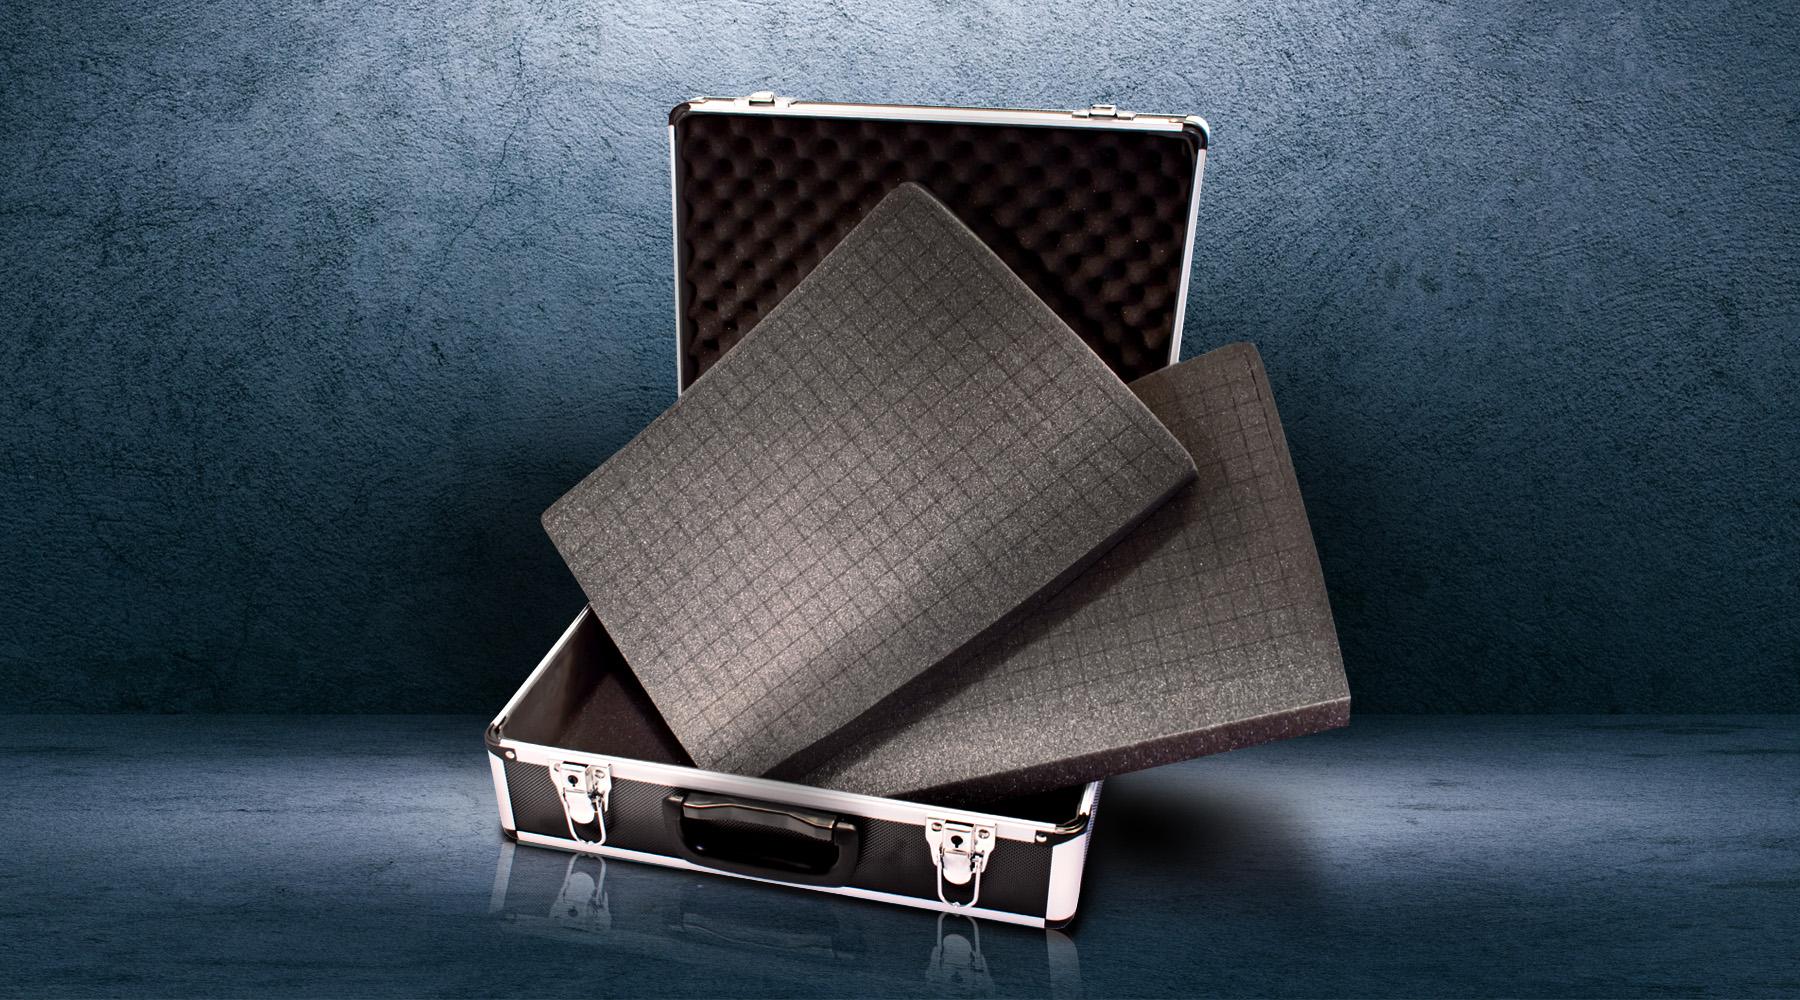 Cube foam inserts